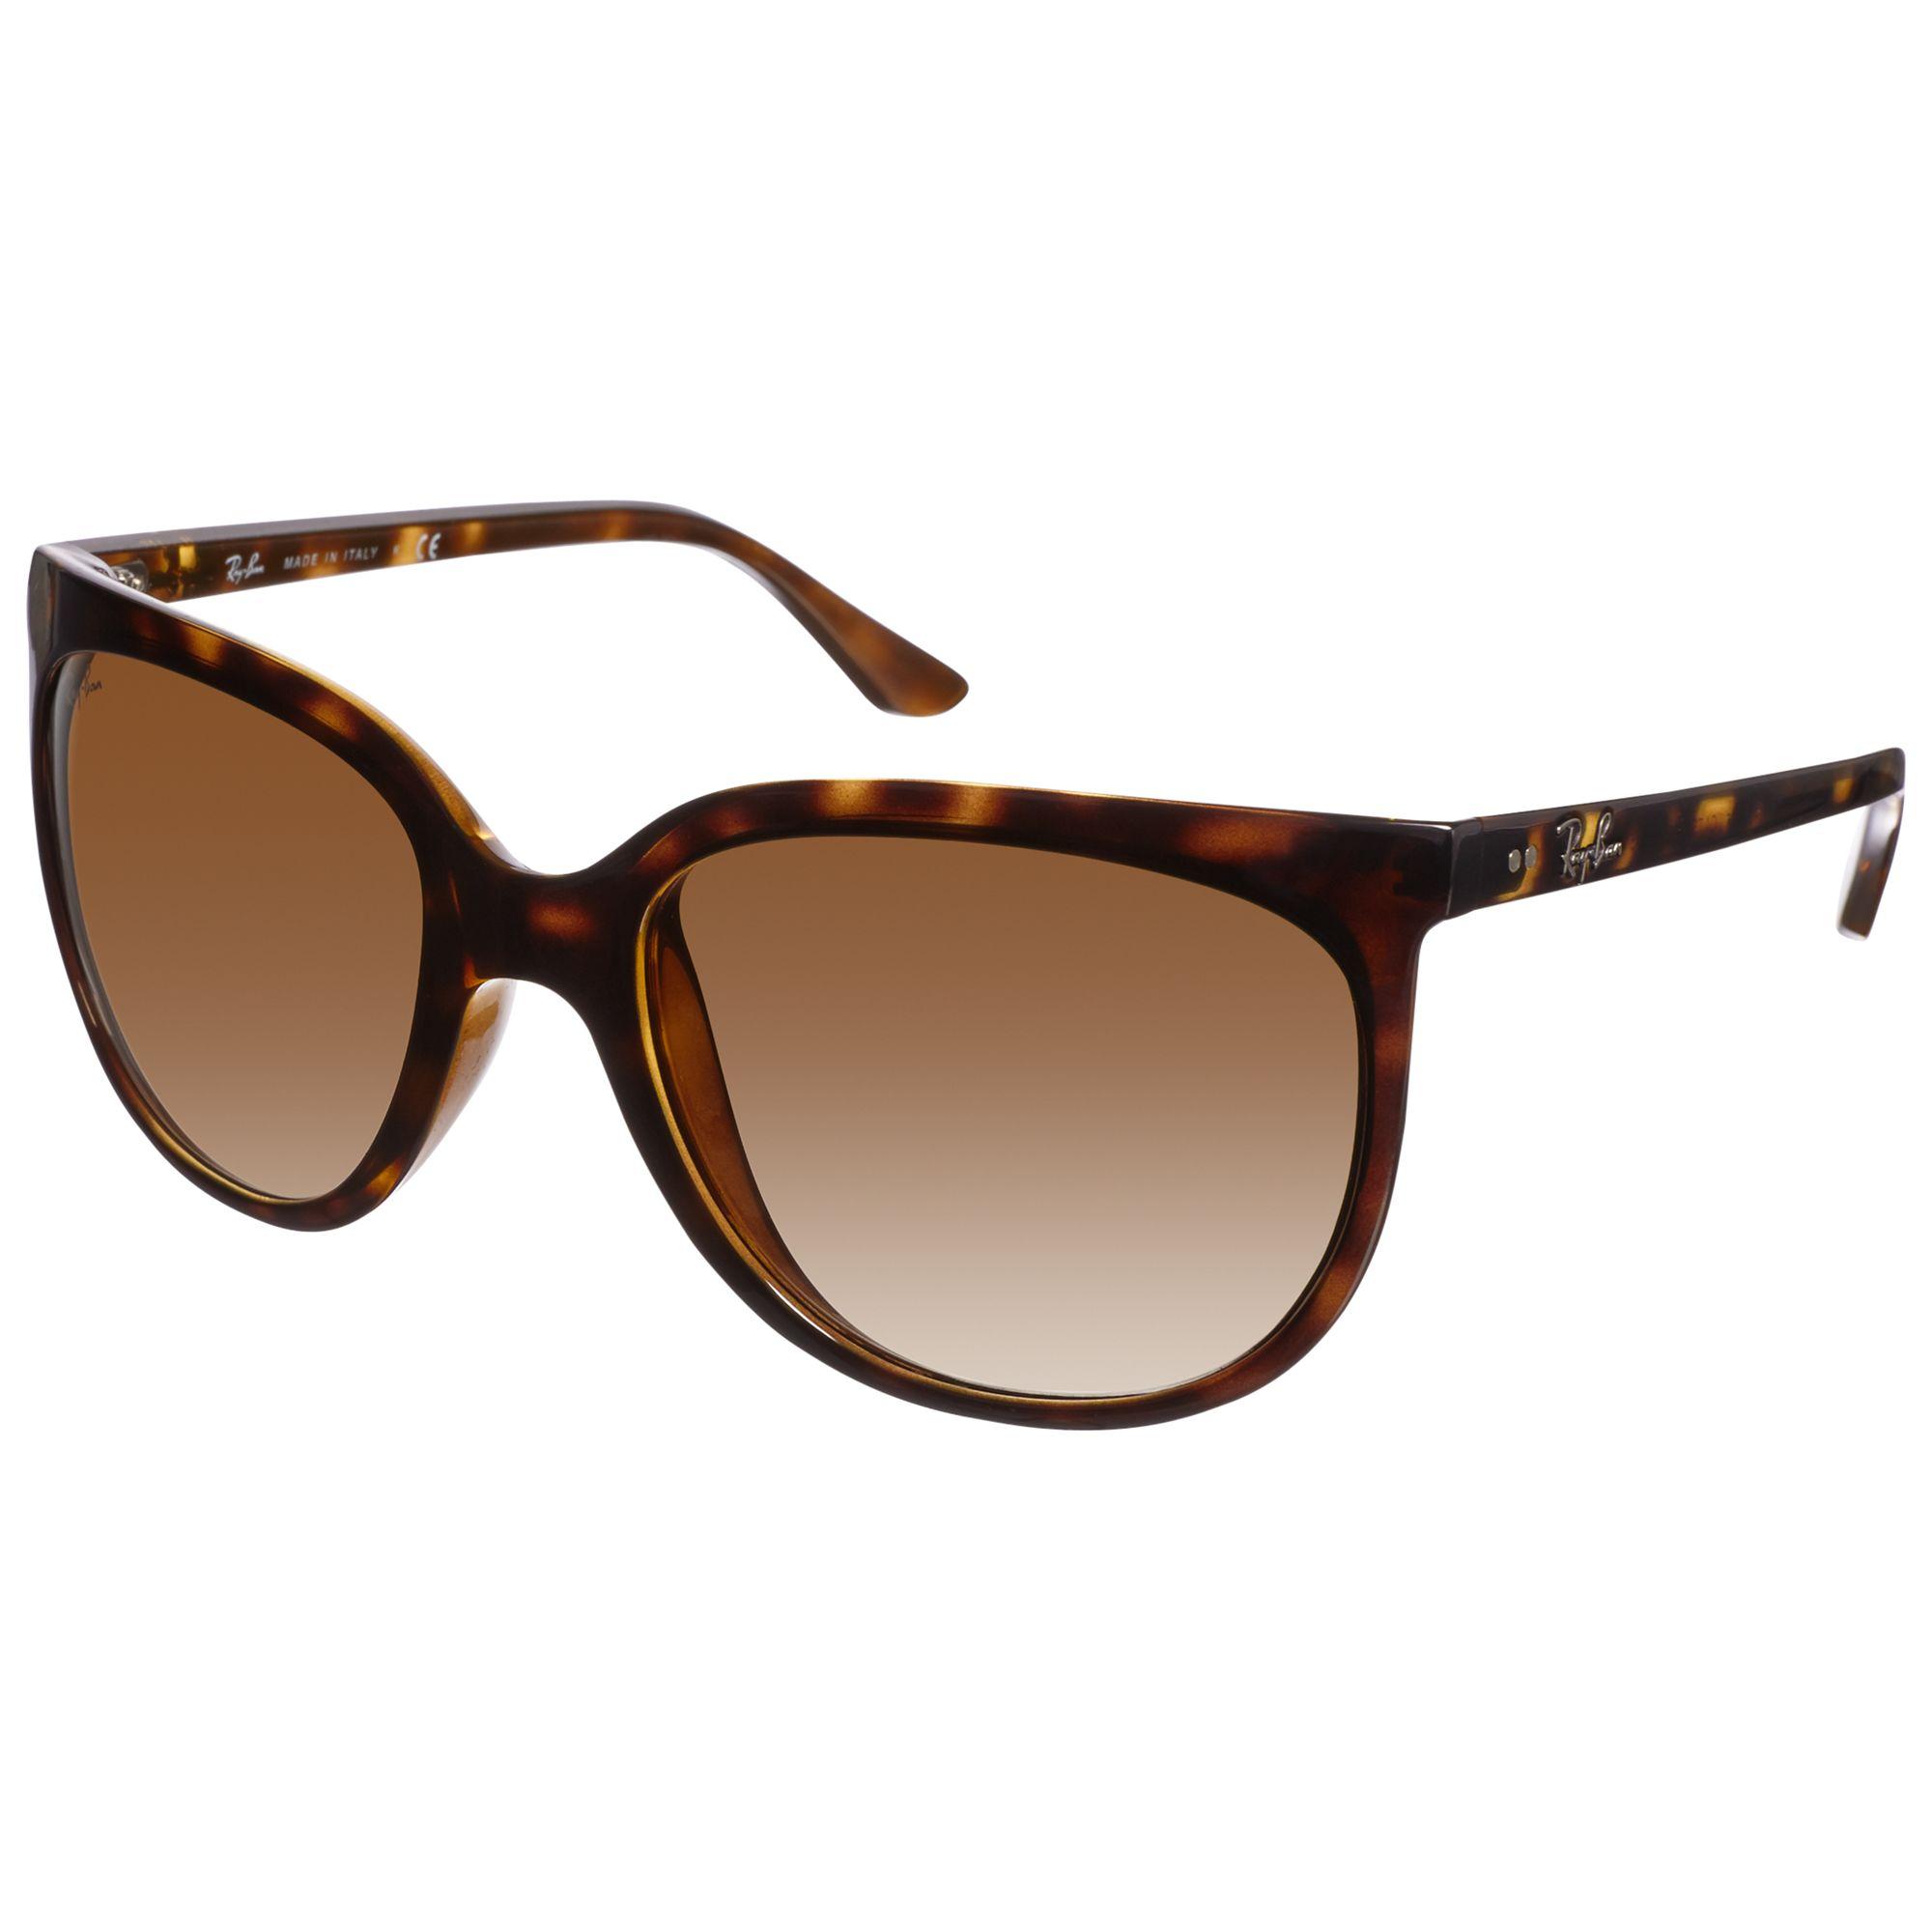 Ray-ban Ray-Ban RB4126 Cats 1000 Sunglasses